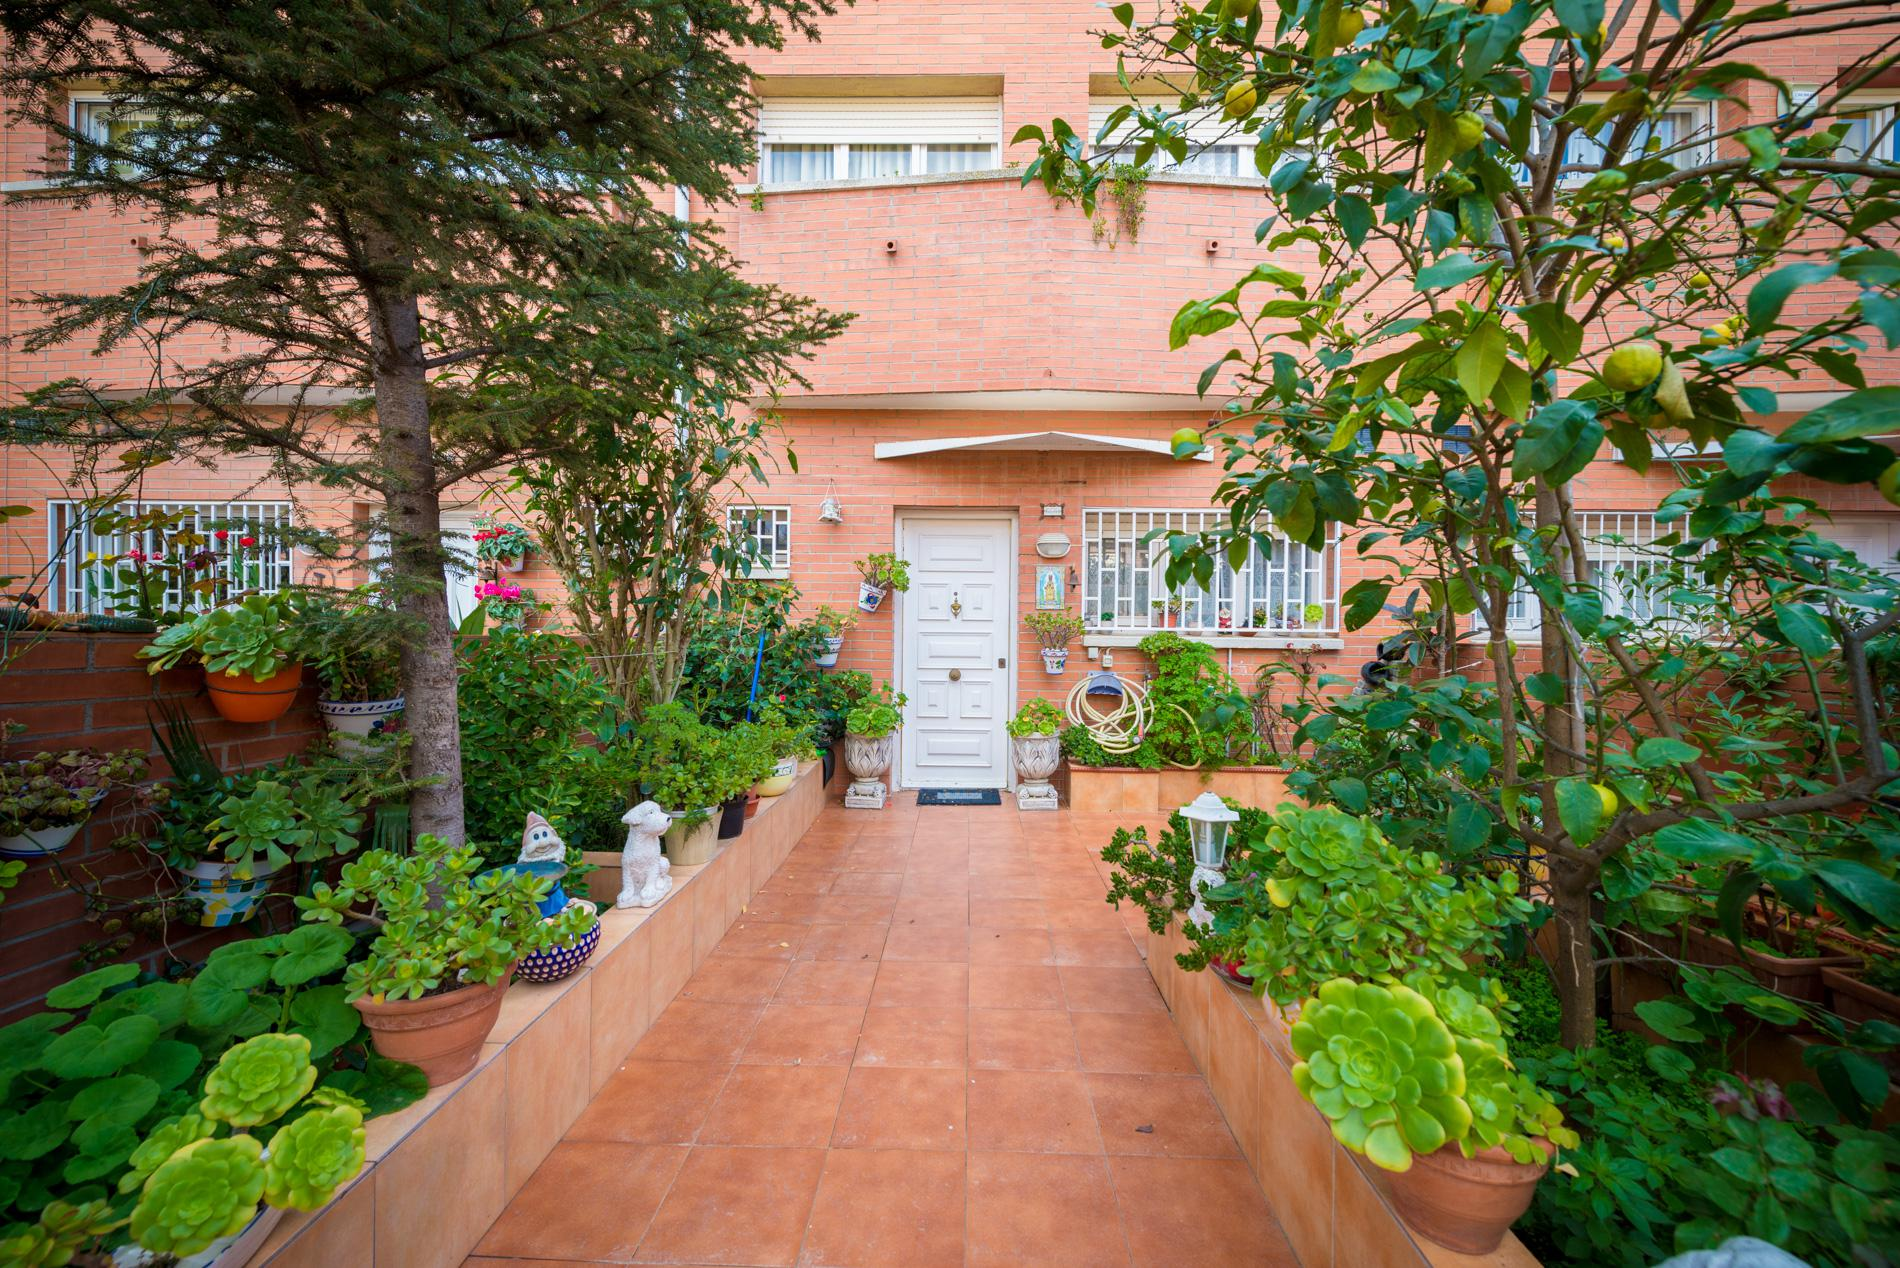 Casa premi de mar barcelona 178934 for Piscina premia de mar